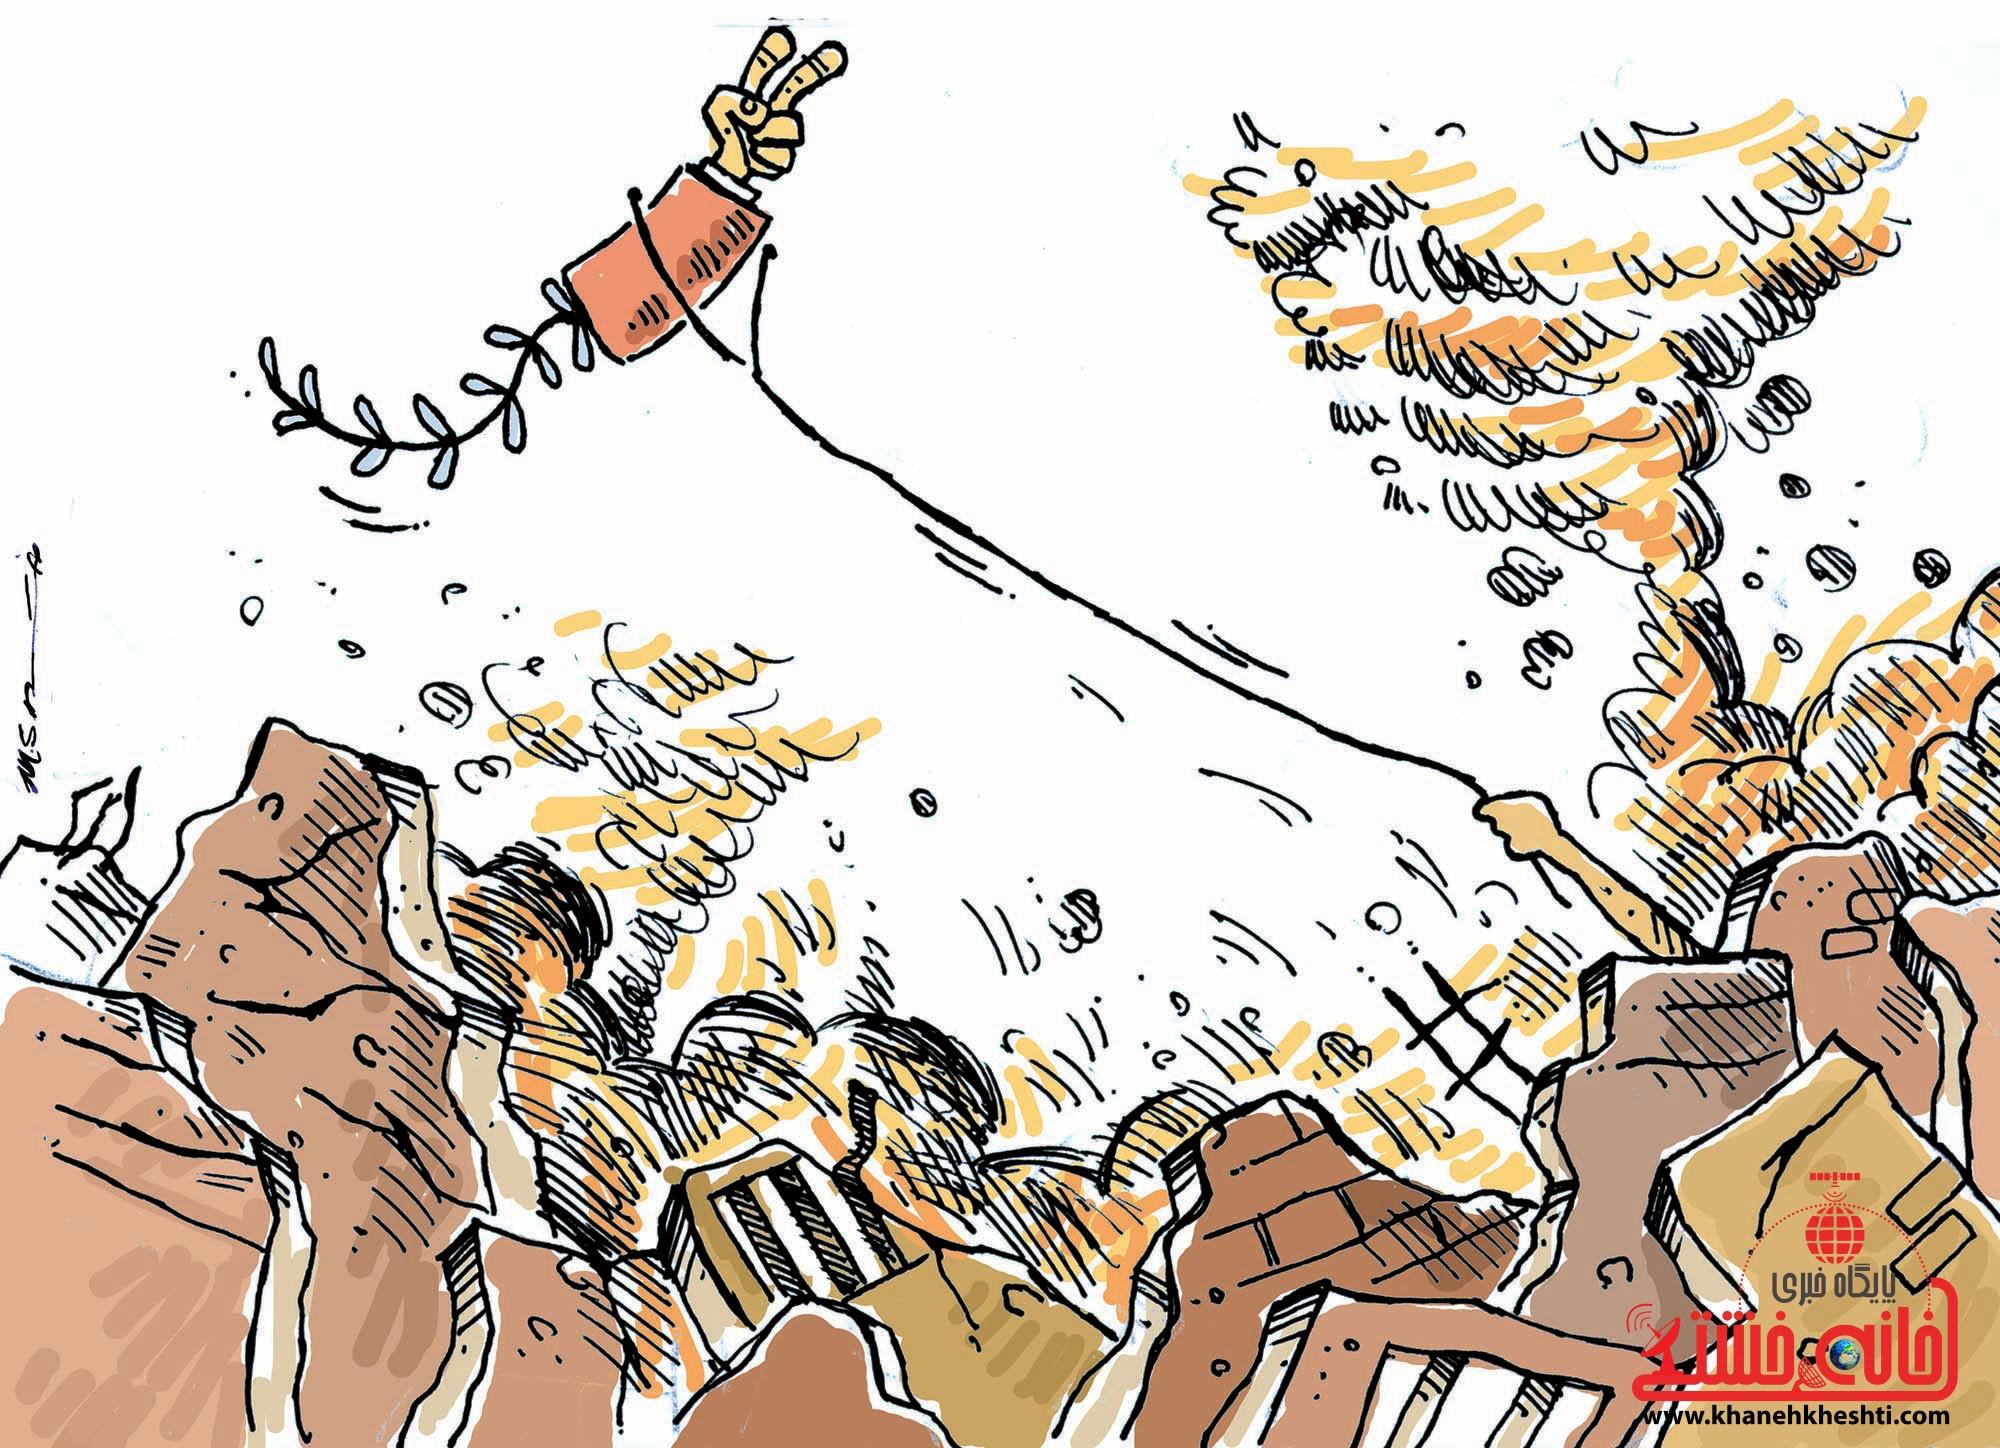 کارتون/ اعلام آتش بس و پیروزی یمن در جنگ ۲۷ روزه